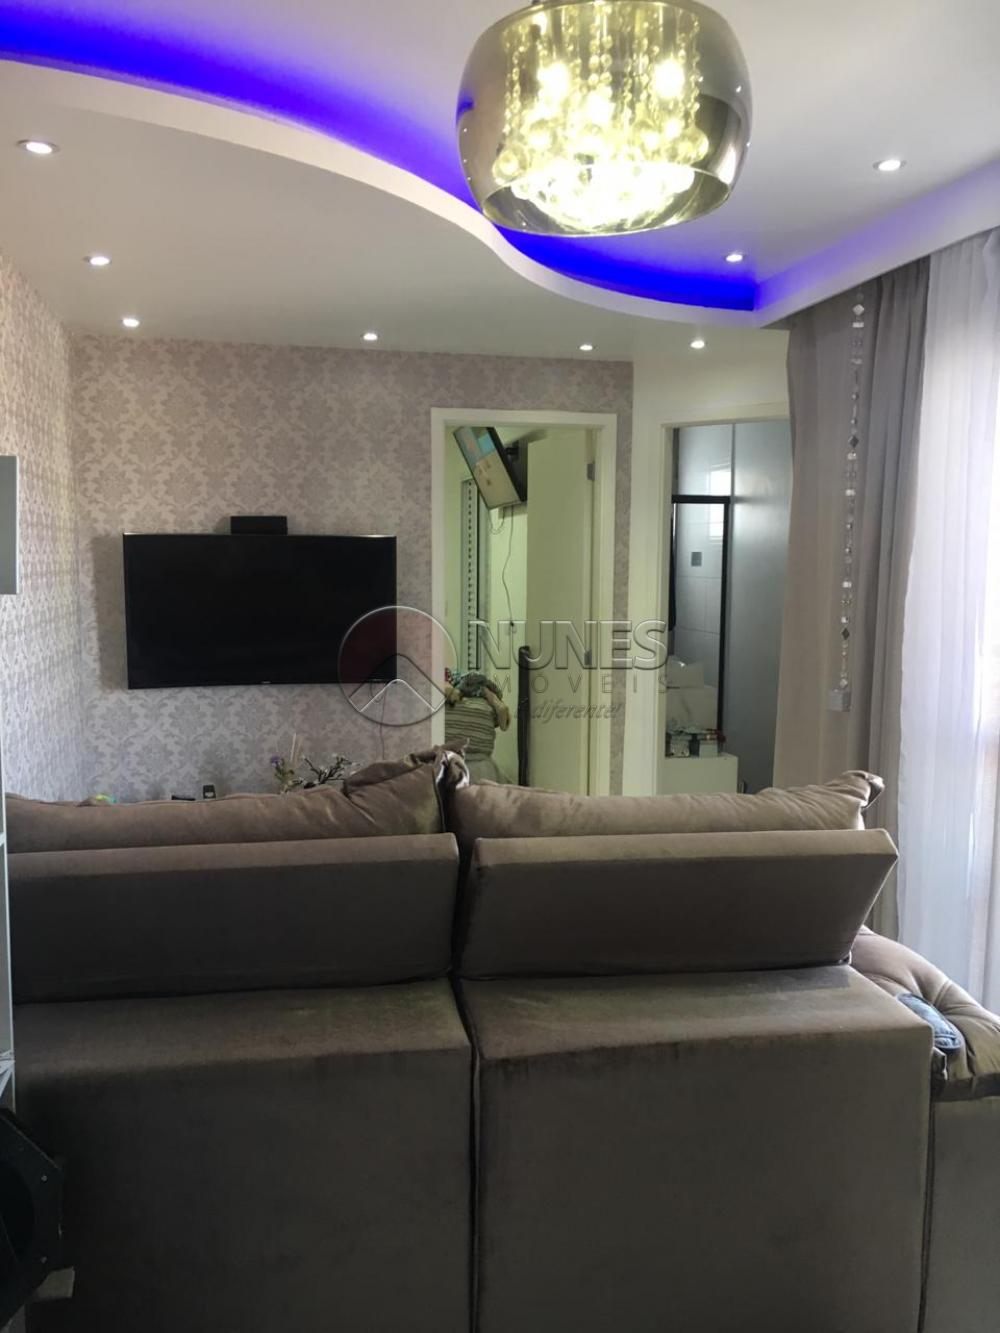 Comprar Apartamento / Padrão em Osasco apenas R$ 405.000,00 - Foto 6